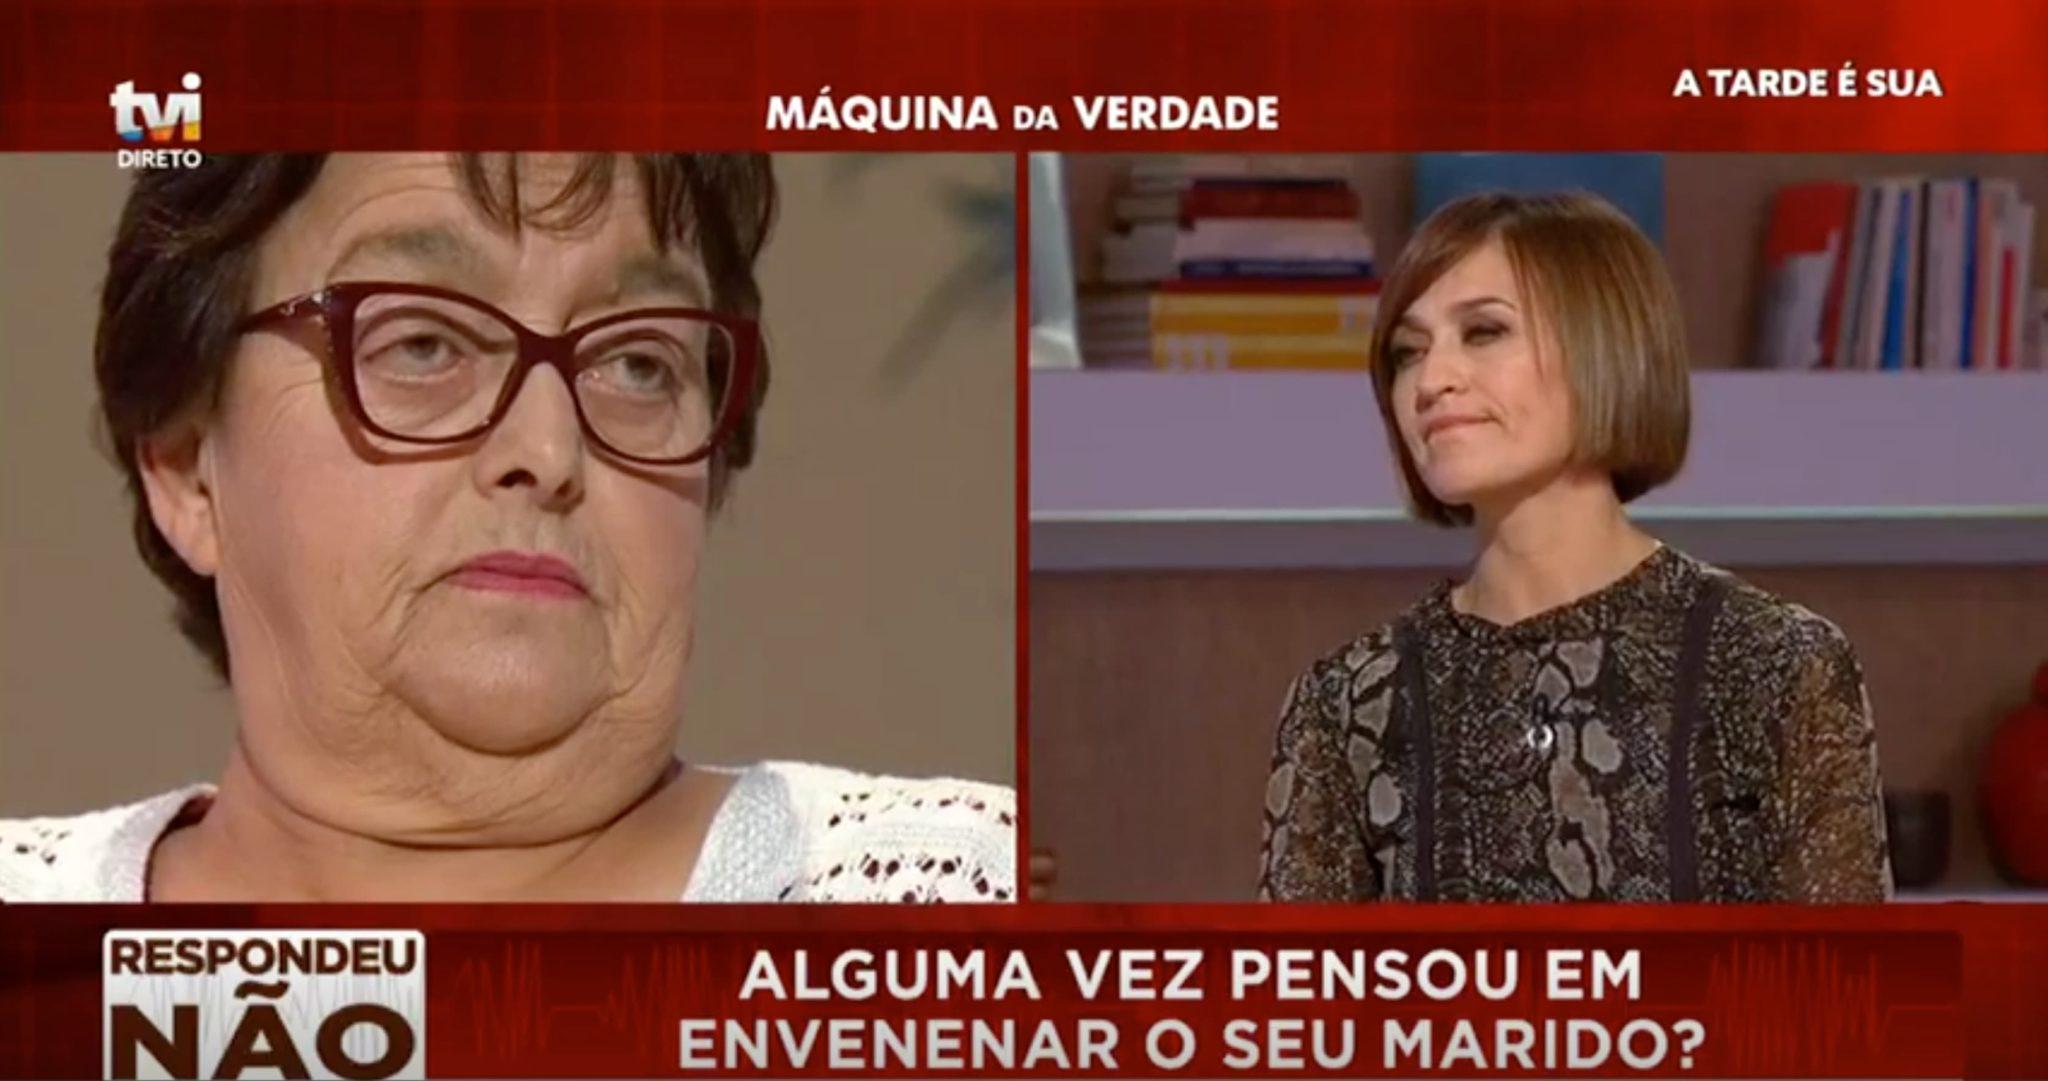 Rosa Oliveira A Tarde E Sua 1 Scaled Tvi. Rosa Oliveira É Acusada Pelo Marido De O Tentar Envenenar. Será Verdade?